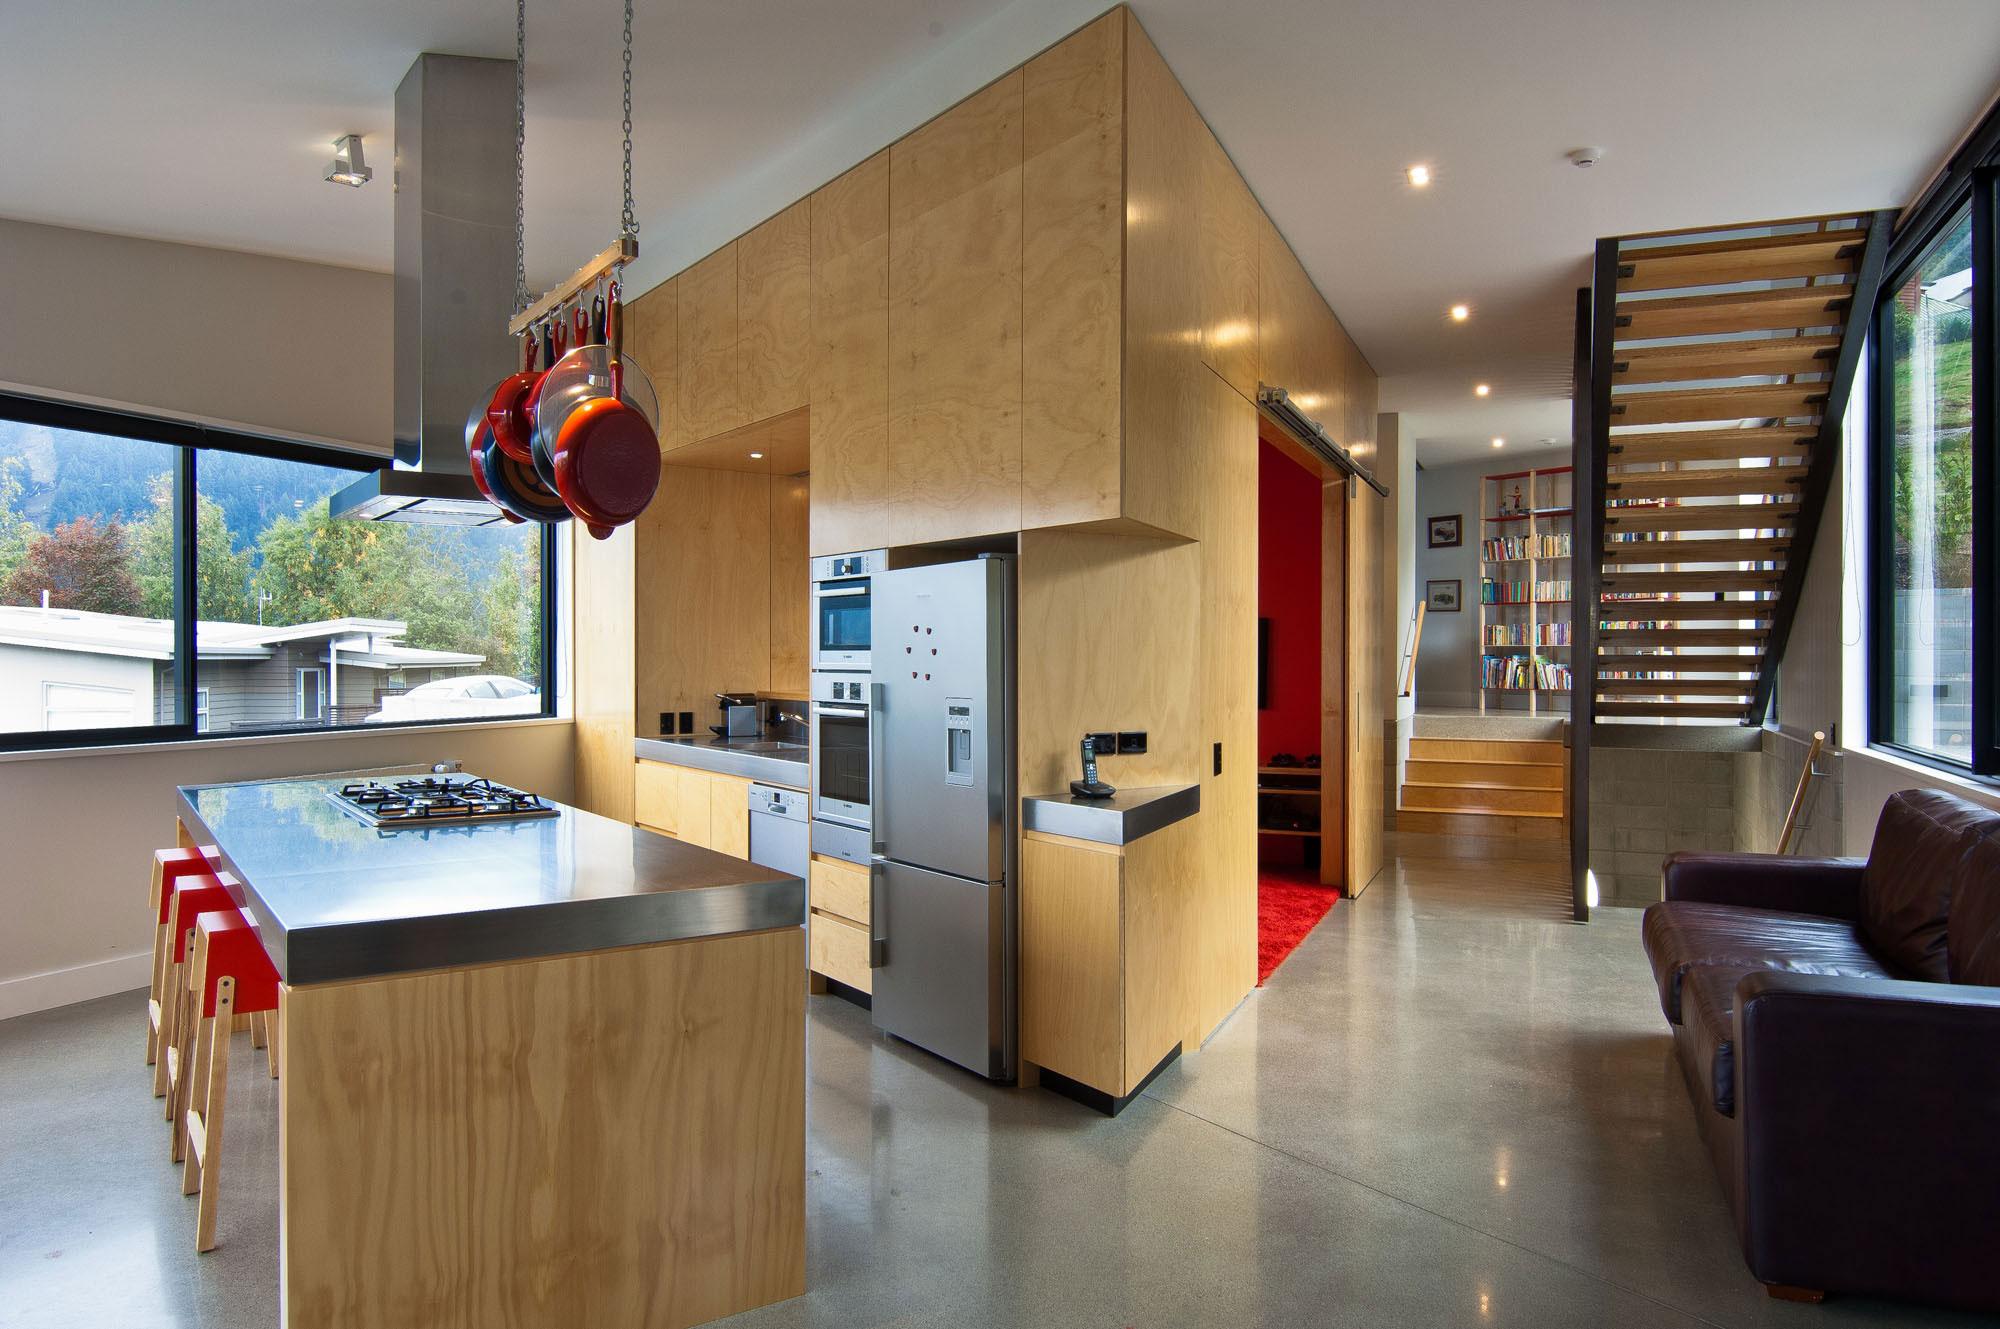 Деревянный кухонный гарнитур - Фото 10